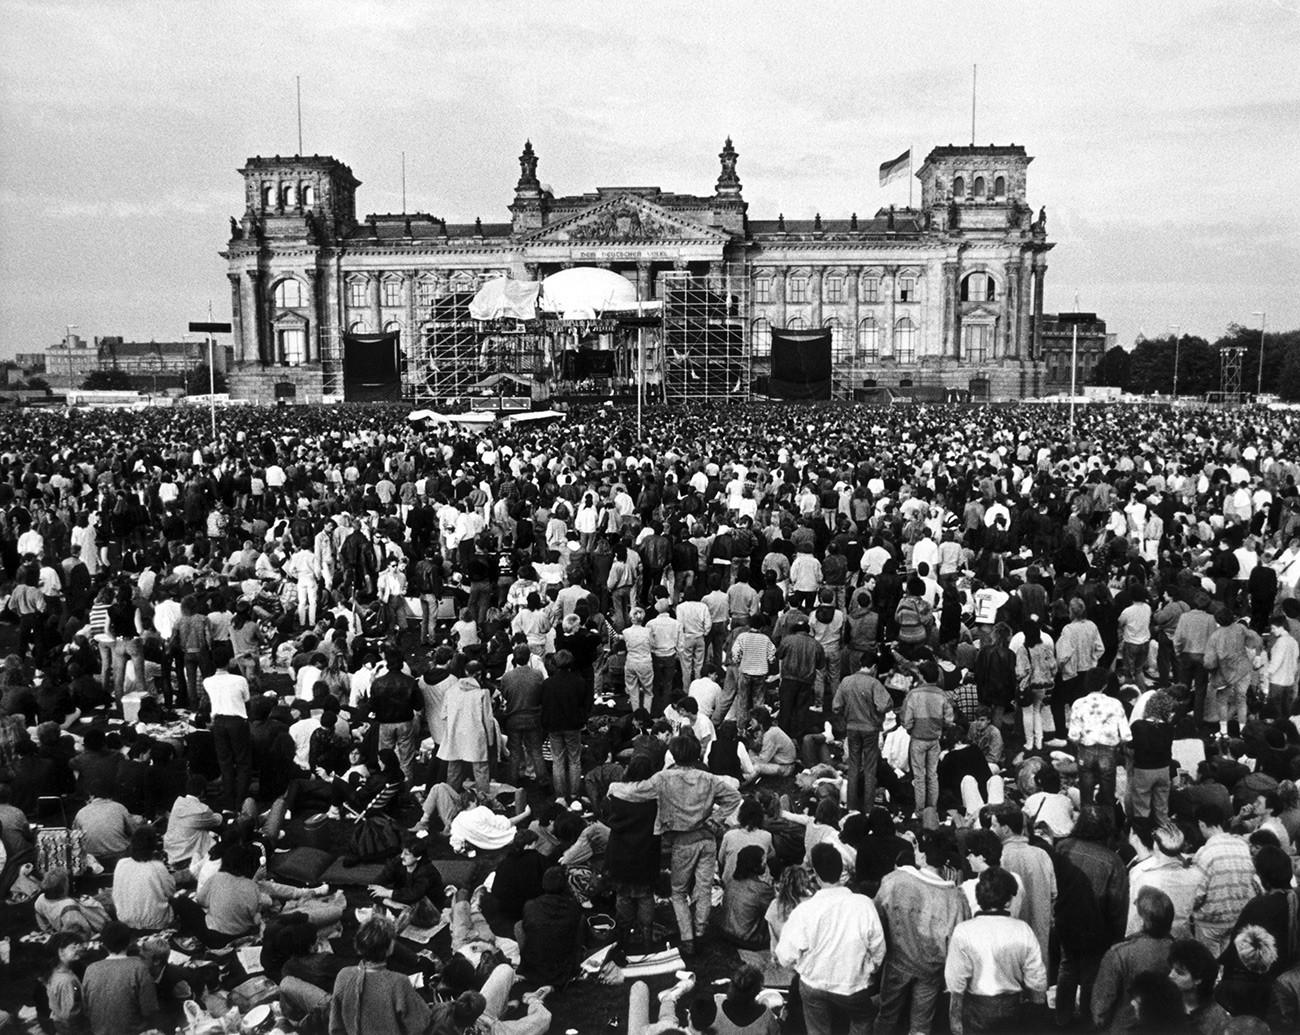 Photo prise le 6 juin 1987 et montrant des gens se rassemblant devant le bâtiment du Reichstag à Berlin-Ouest pour assister à un concert du Britannique David Bowie.